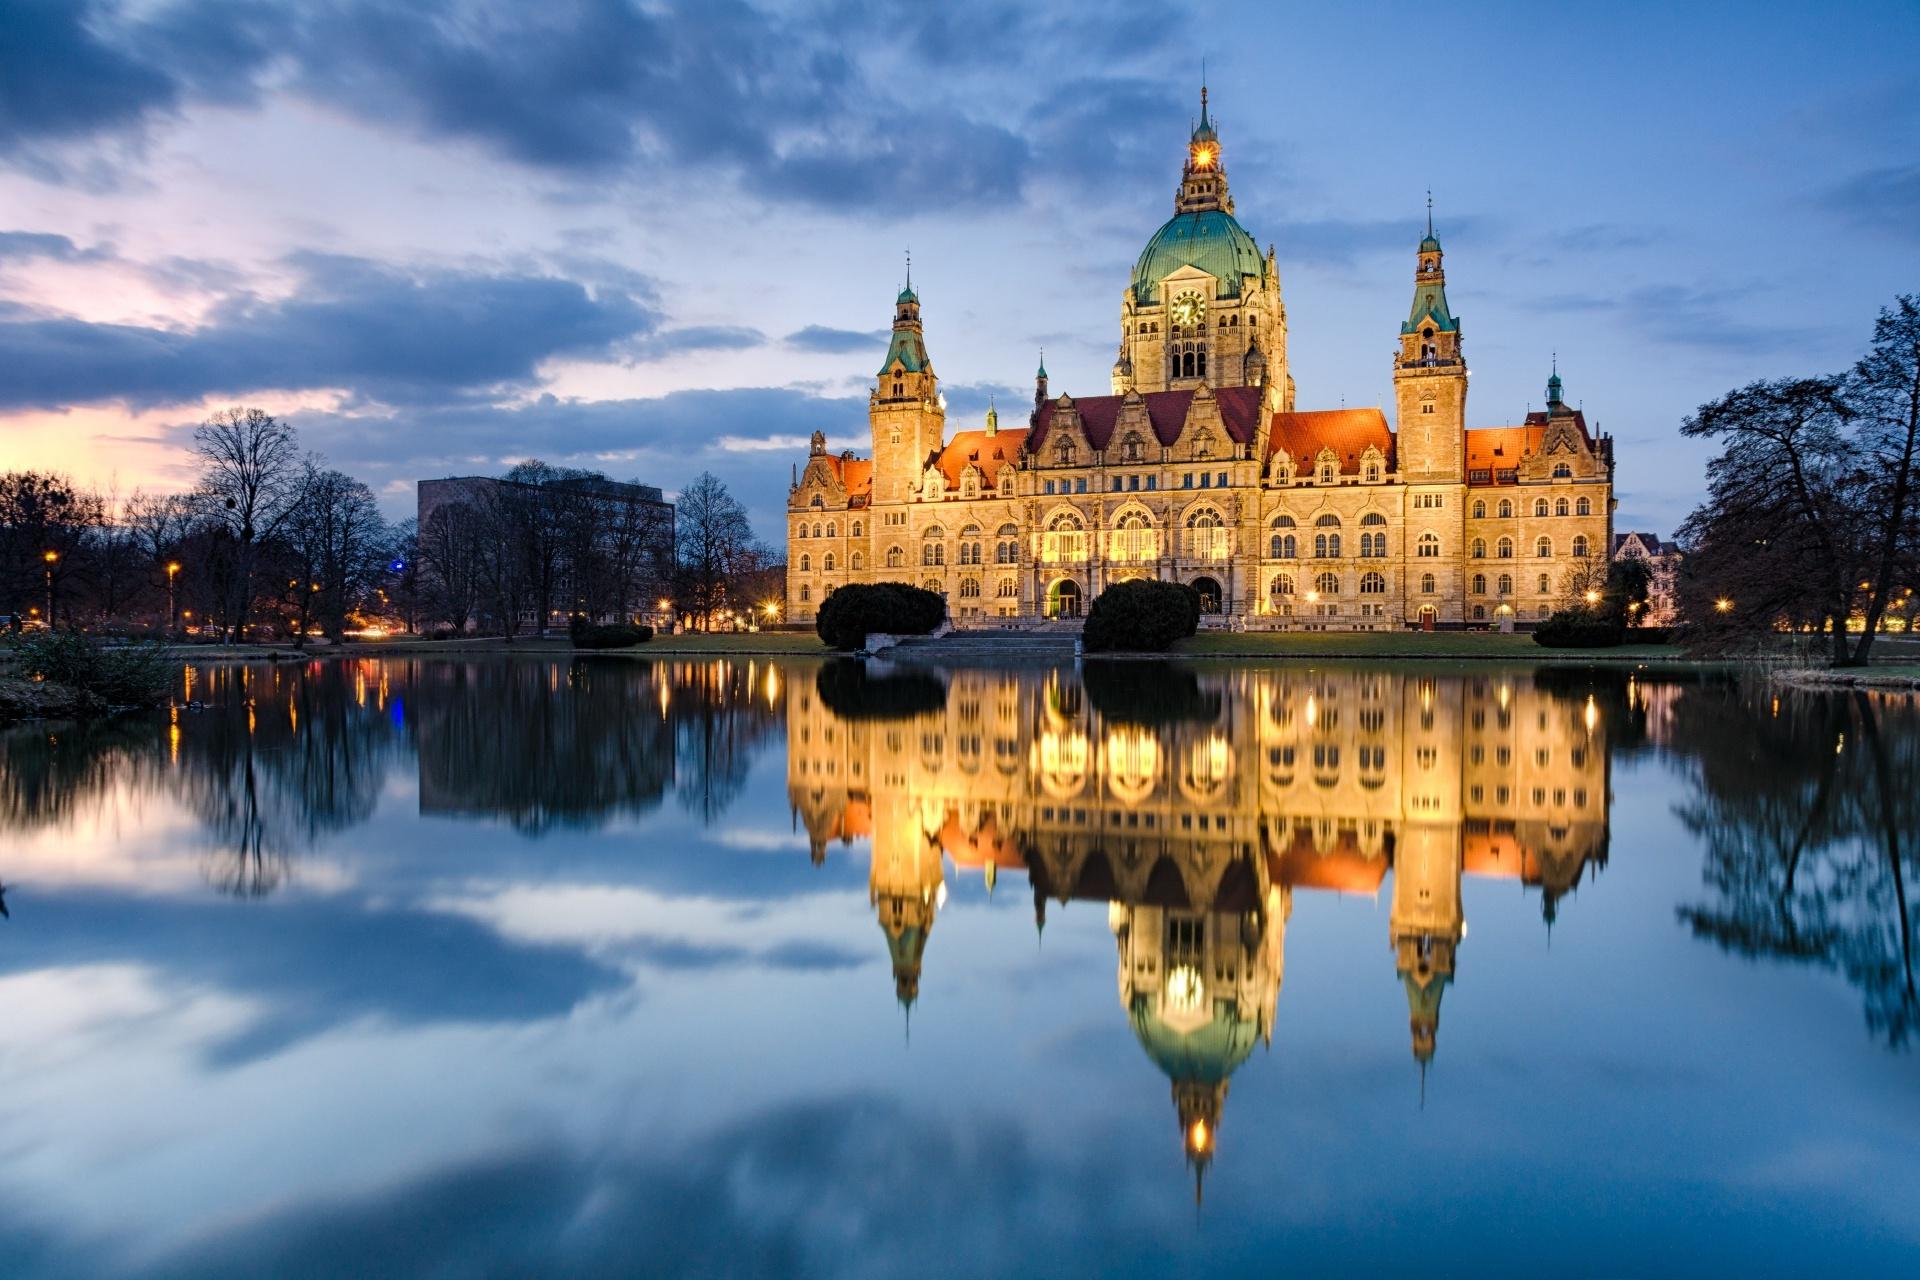 夜のハノーファー市庁舎 ドイツ